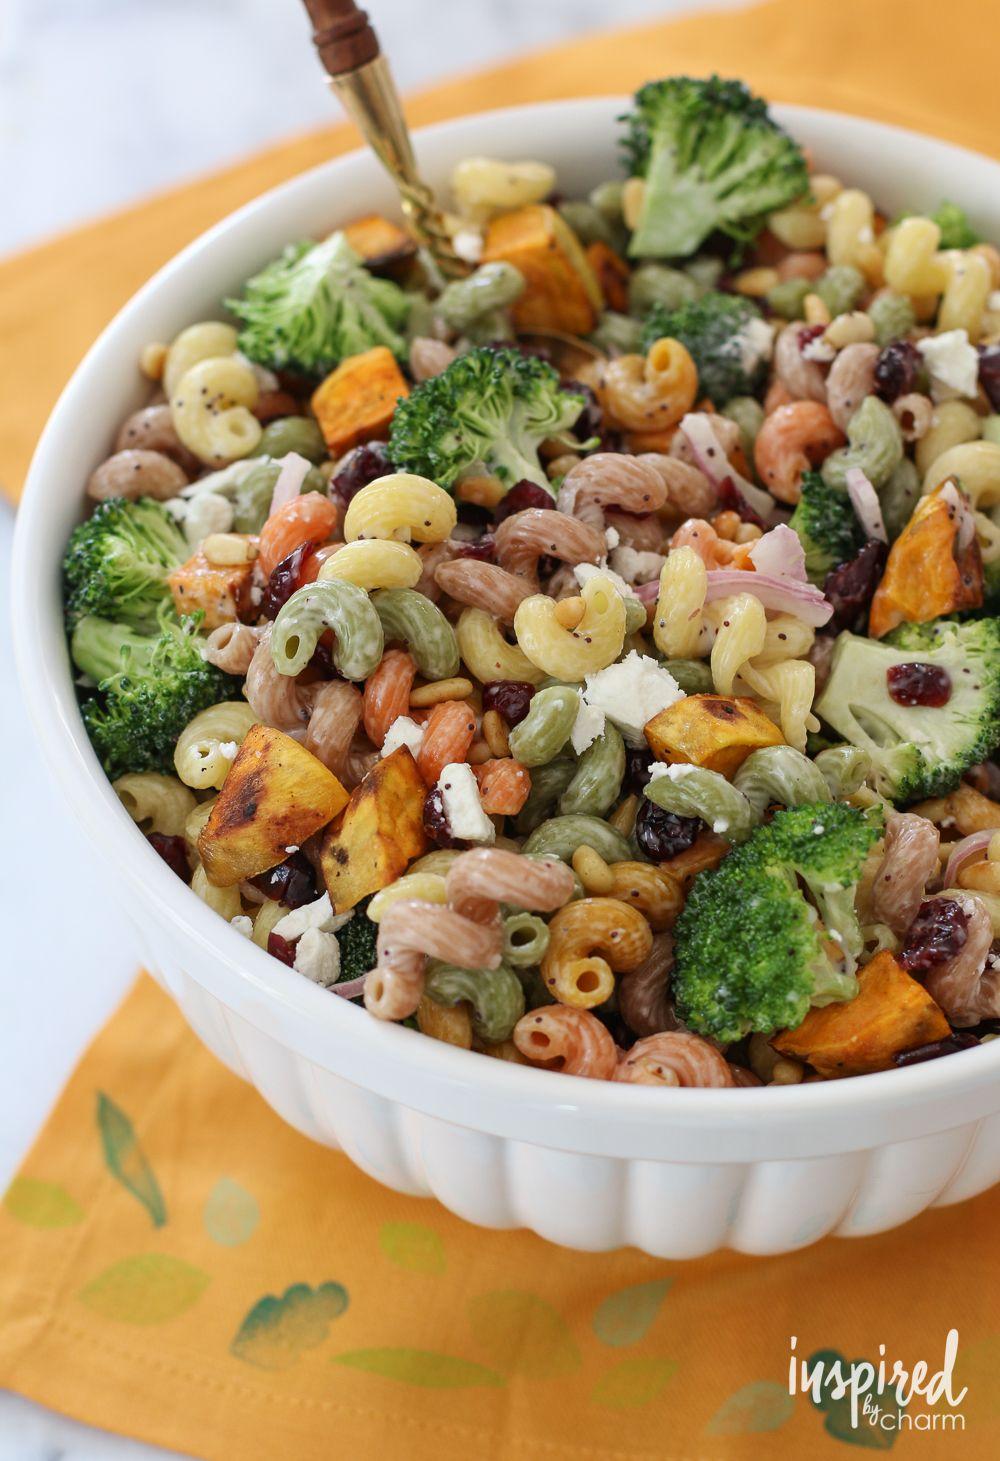 Fall Pasta Dinner: Fall Harvest Pasta Salad From @inspiredbycharm